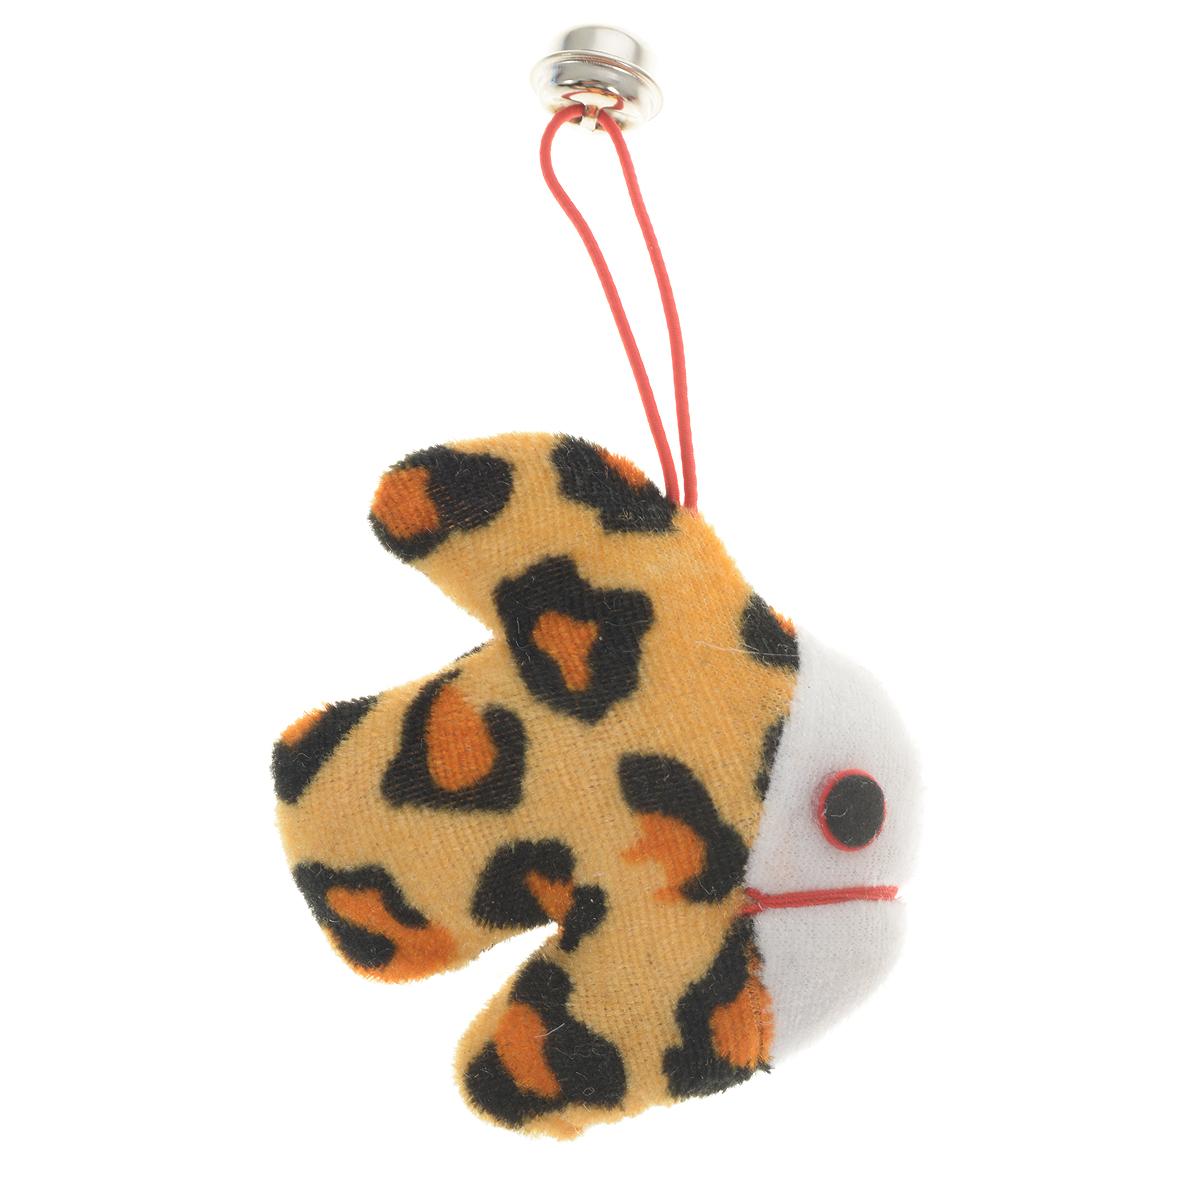 Игрушка для кошки V.I.Pet Рыбка, с мятойC-101Игрушка V.I.Pet Рыбка изготовлена из текстиля в виде рыбки с бубенчиком и наполнена кошачьей мятой. Кошачья мята (Котовник) - растение, запах которого делает кошку более игривой. Очень агрессивные и легко возбудимые кошки становятся более спокойными и уравновешенными. С помощью этого средства кошка легче перенесет путешествие на автомобиле, посещение ветеринарного врача или переезд животного на новую квартиру.